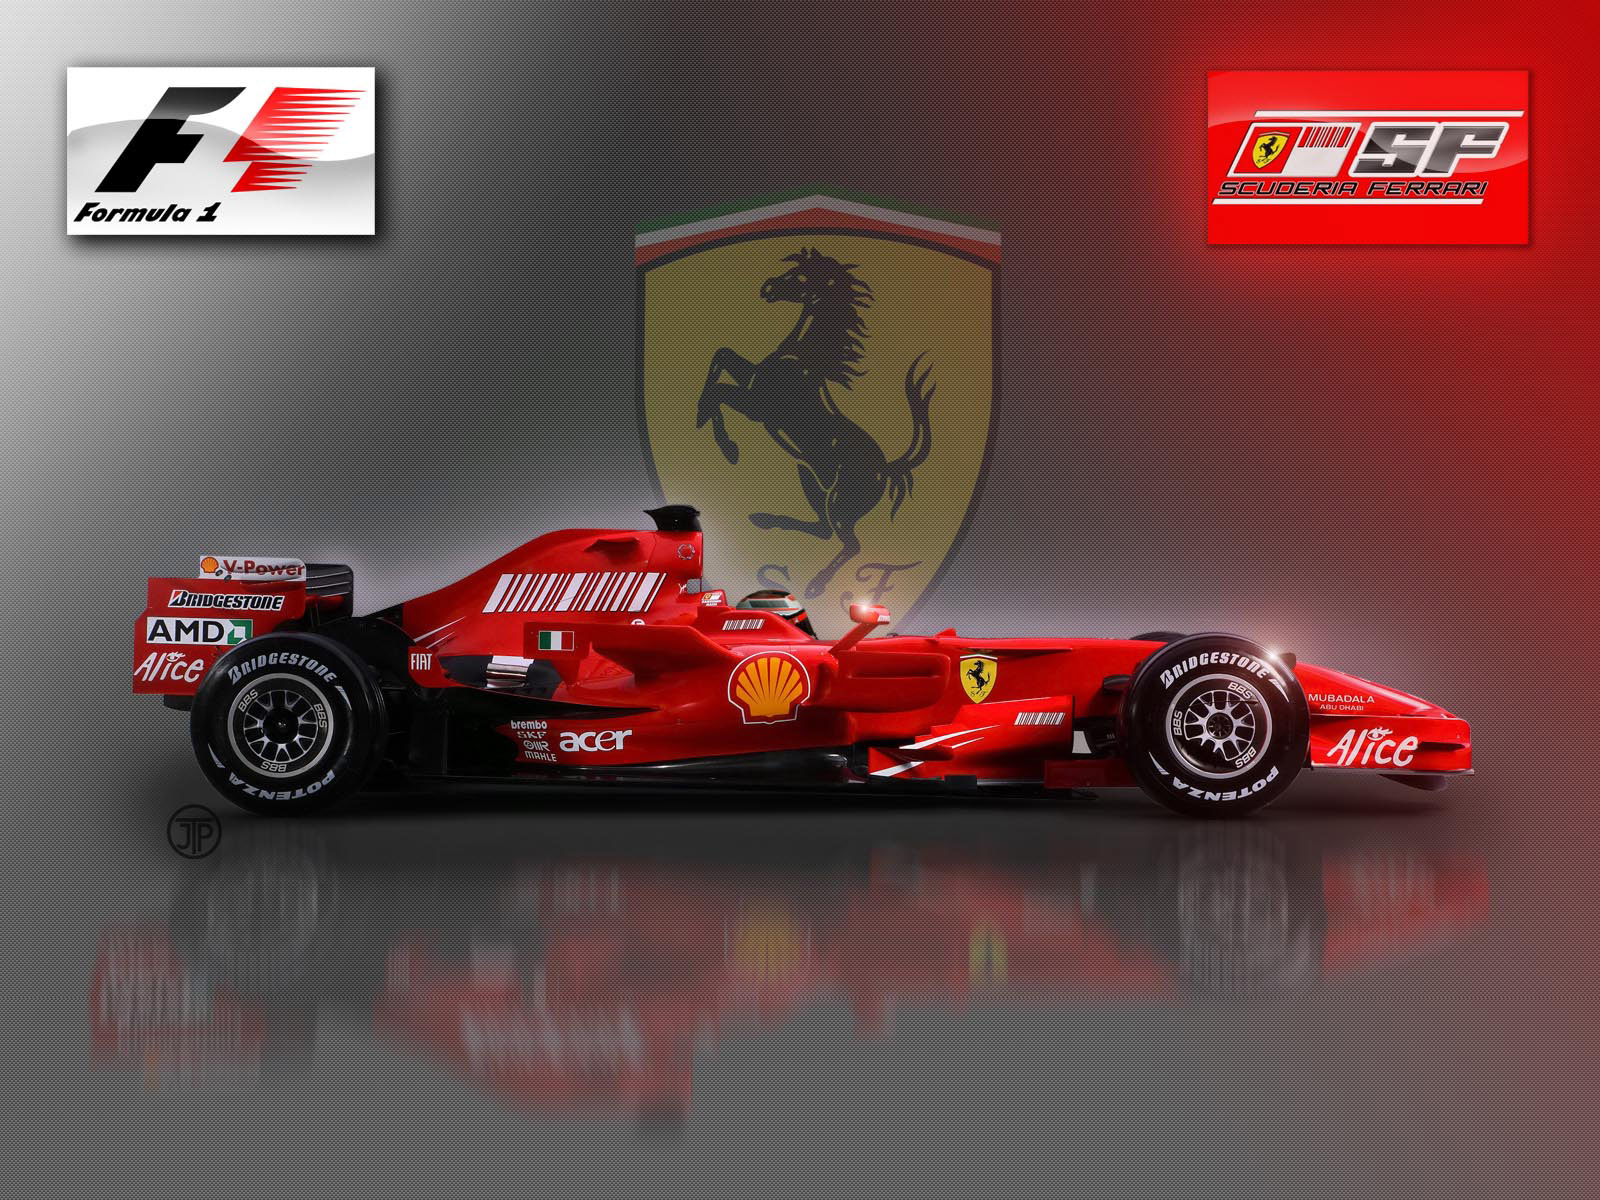 http://2.bp.blogspot.com/_ba0eJBJ85vA/S_JWocwobYI/AAAAAAAAApI/-U08CUc5XpU/s1600/Ferrari+F1+Wallpaper+3.jpg